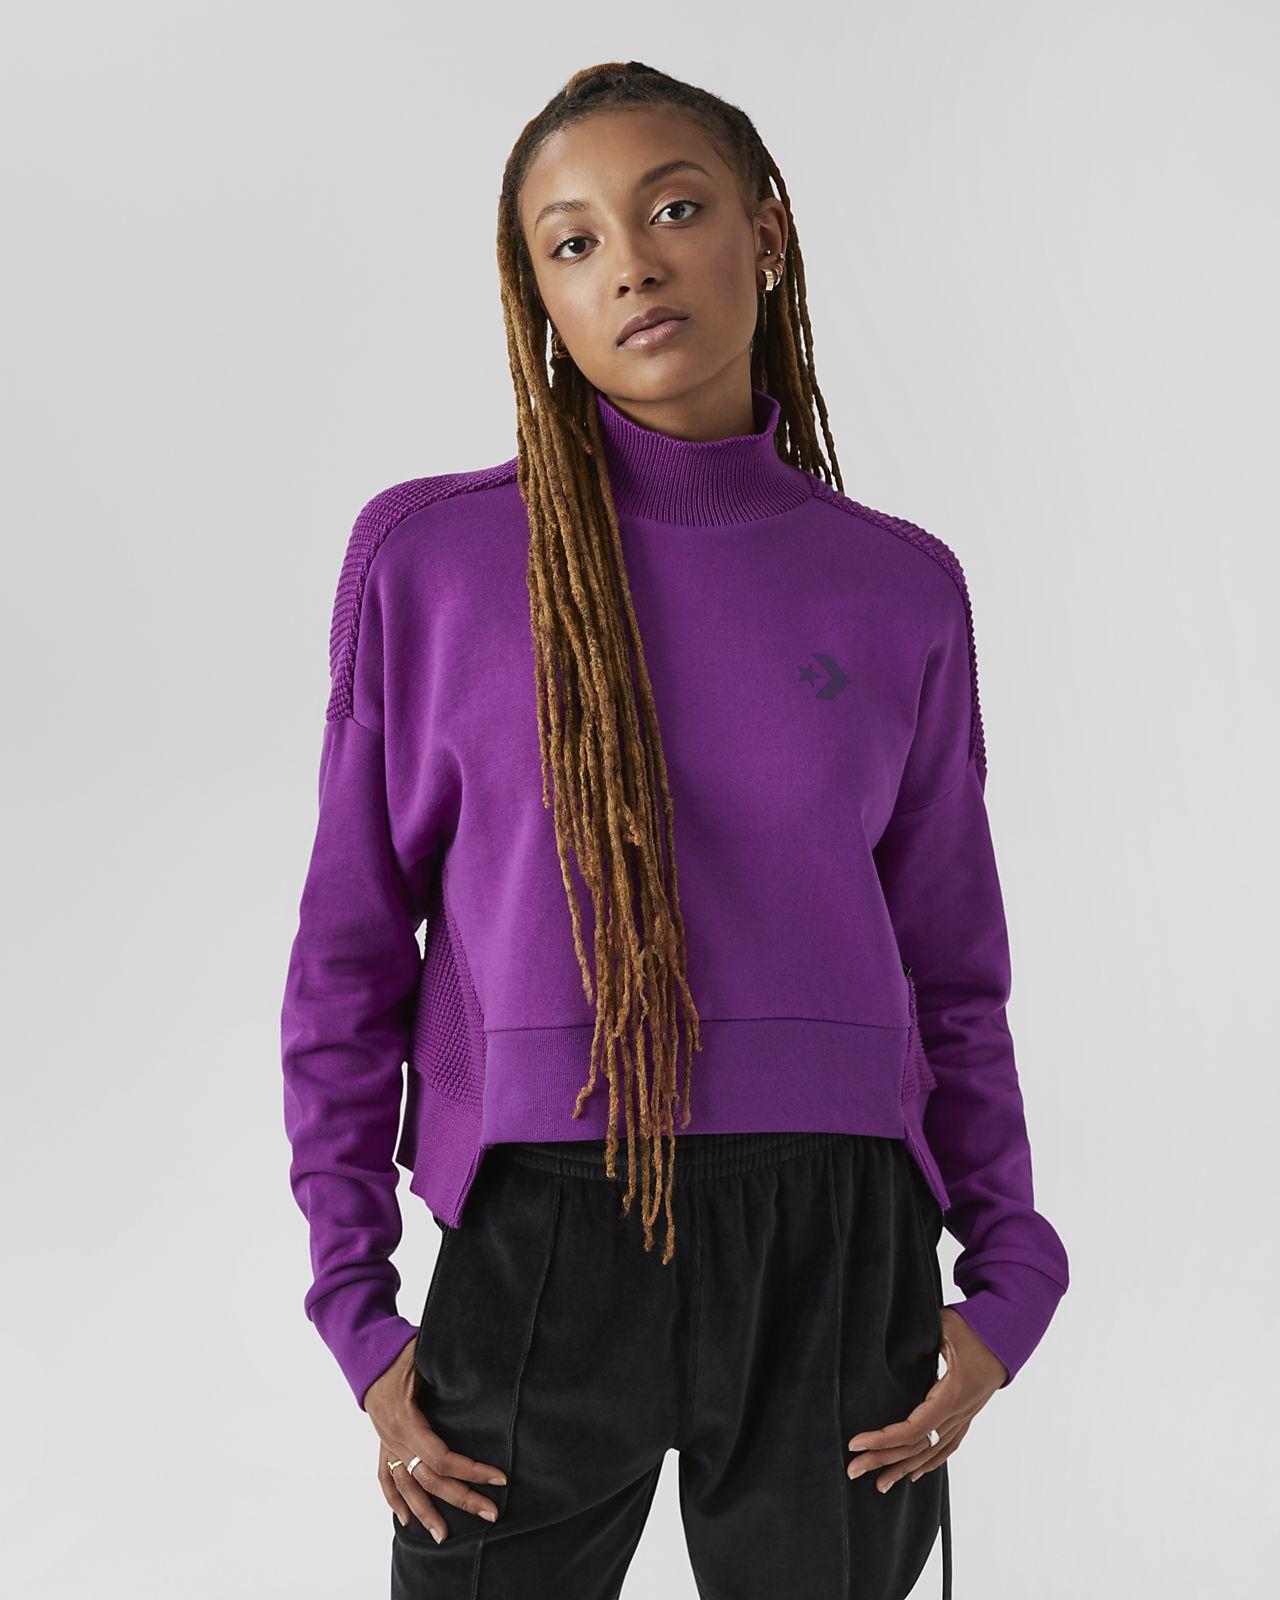 Converse Sweater  Women's Mock-Neck Knit Shirt